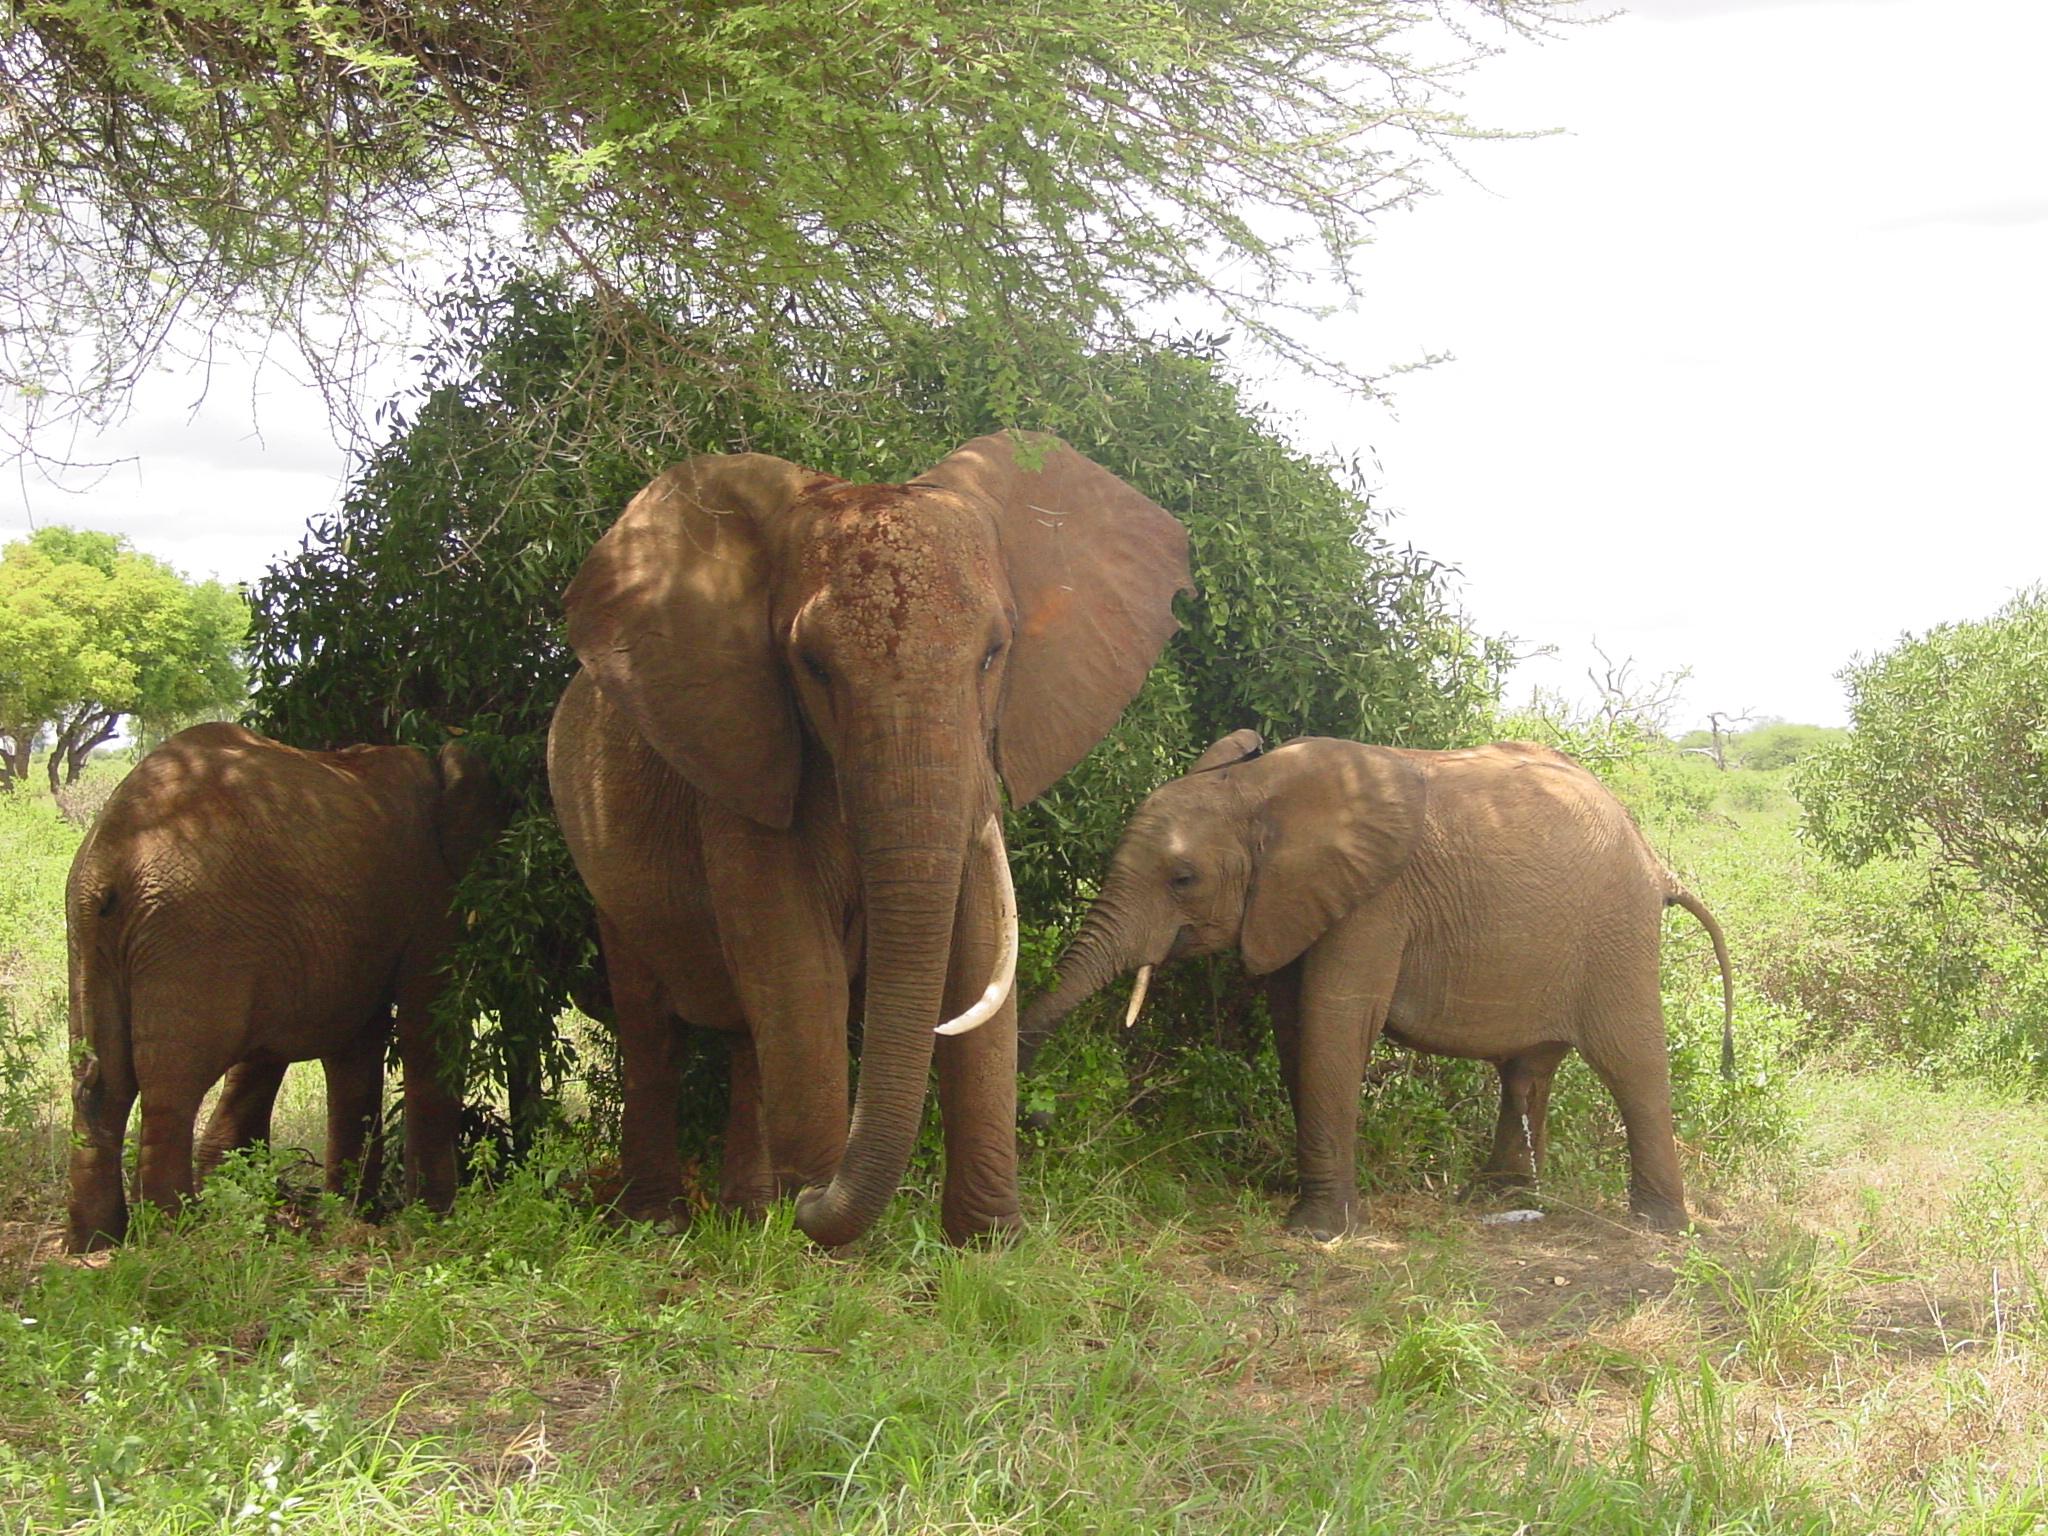 lofty_tours_kenia_tierwelt_17